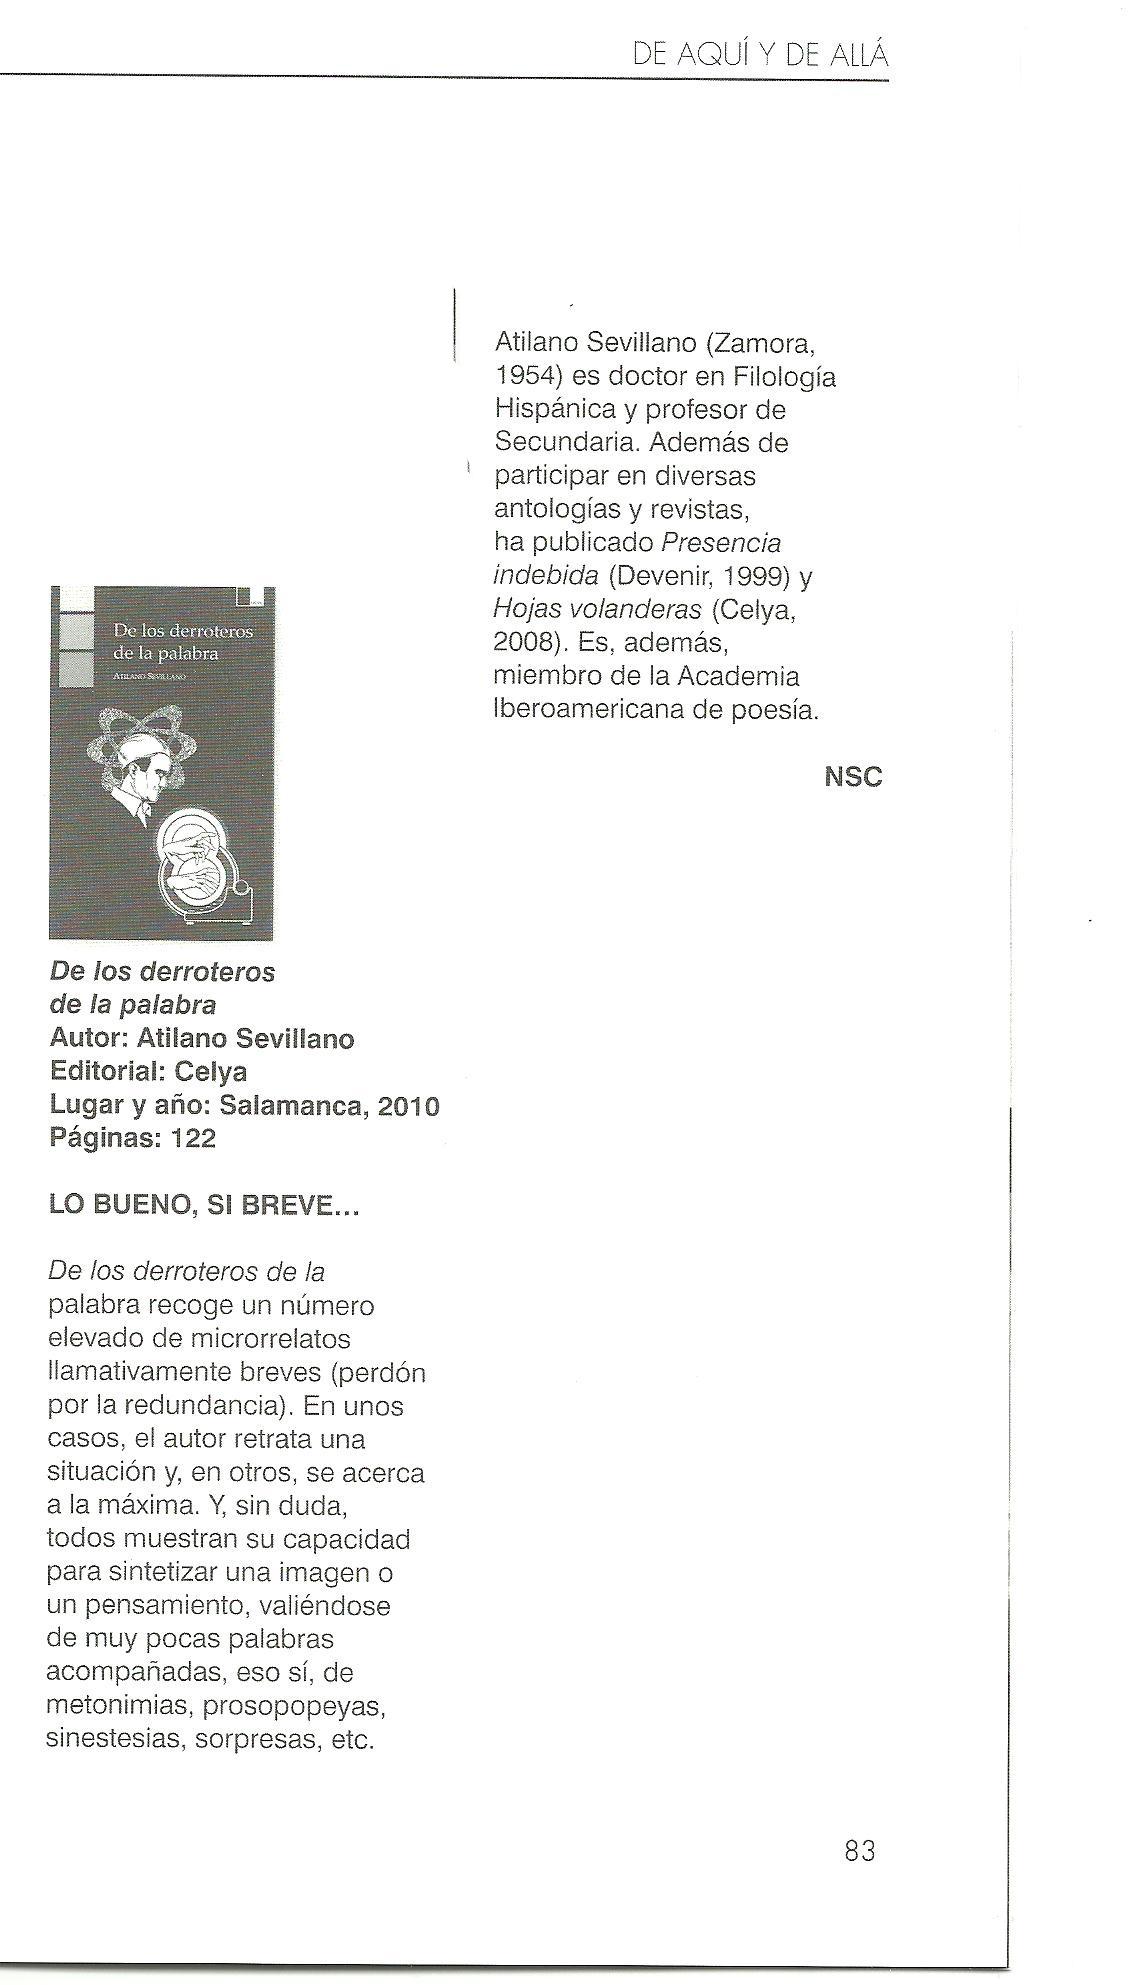 """FÁBULA: Reseña de """"De los derroteros de la palabra"""" de Atilano Sevillano."""